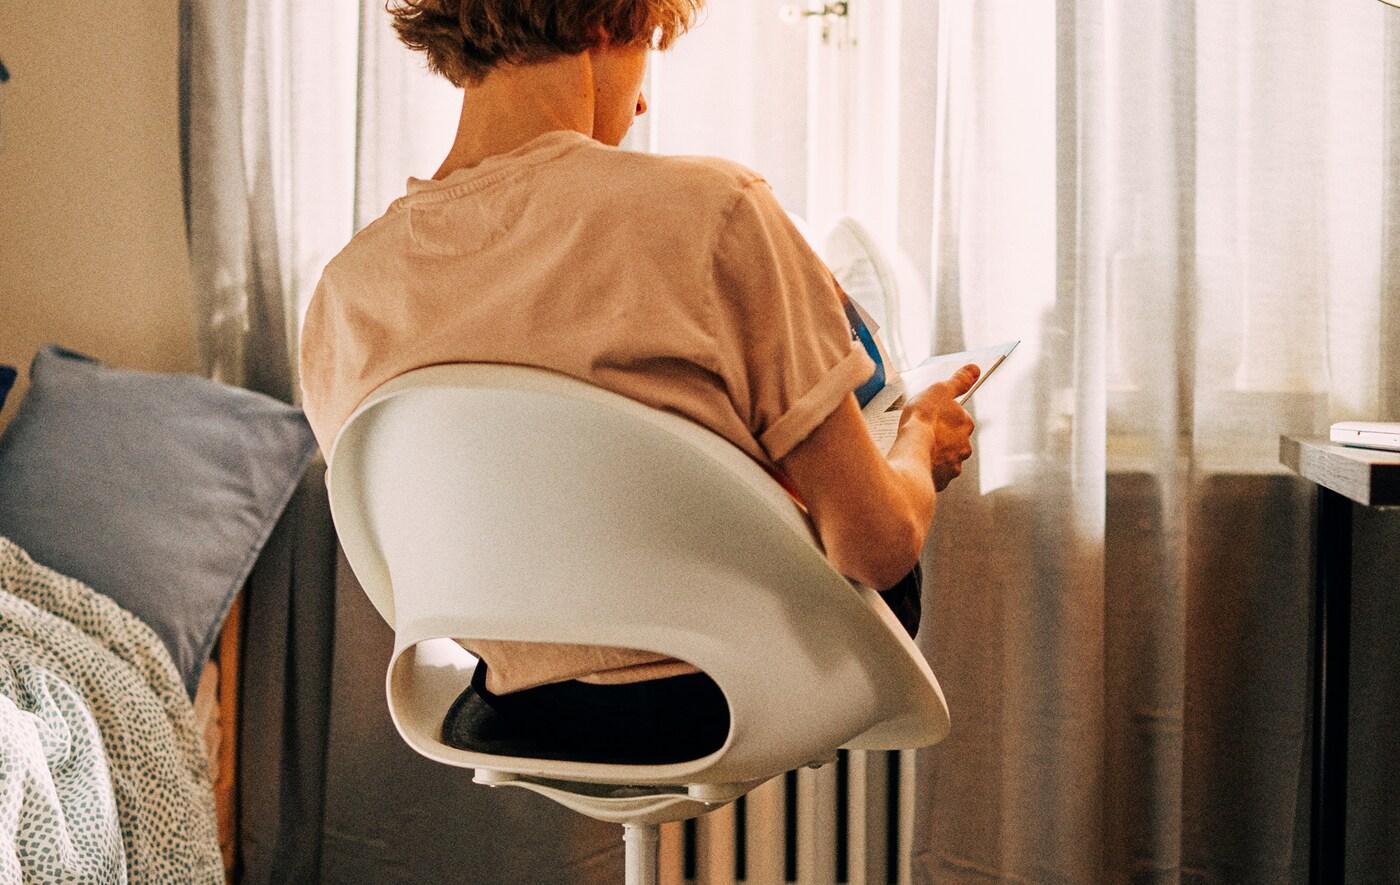 En studerende sidder i en skrivebordsstol med ansigtet vendt mod et vindue. Hans fødder hviler på radiatoren foran ham, mens han læser lektier.